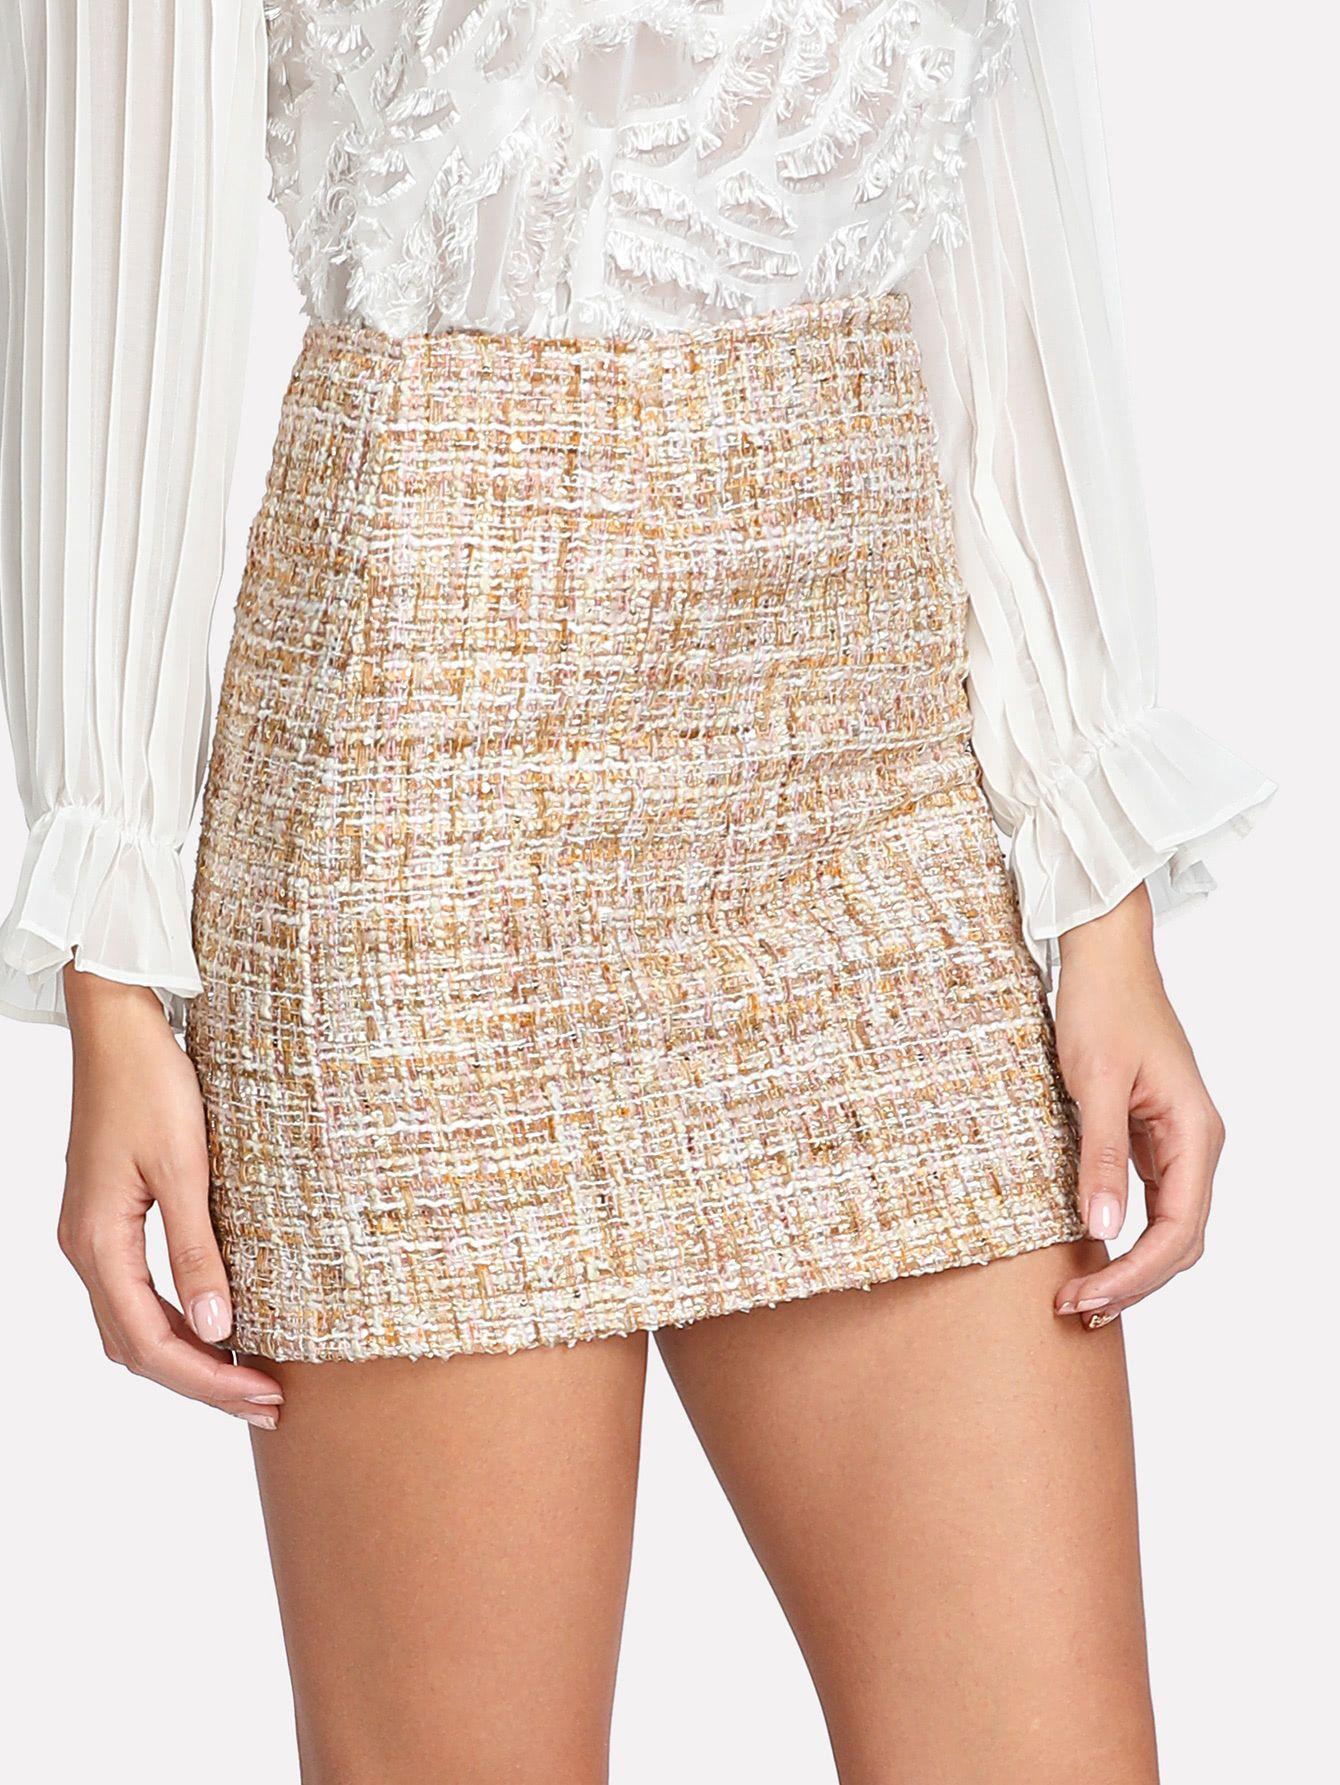 Space Dye Tweed Skirt | My Styles | Pinterest | Moda, Tweed y Moda ...